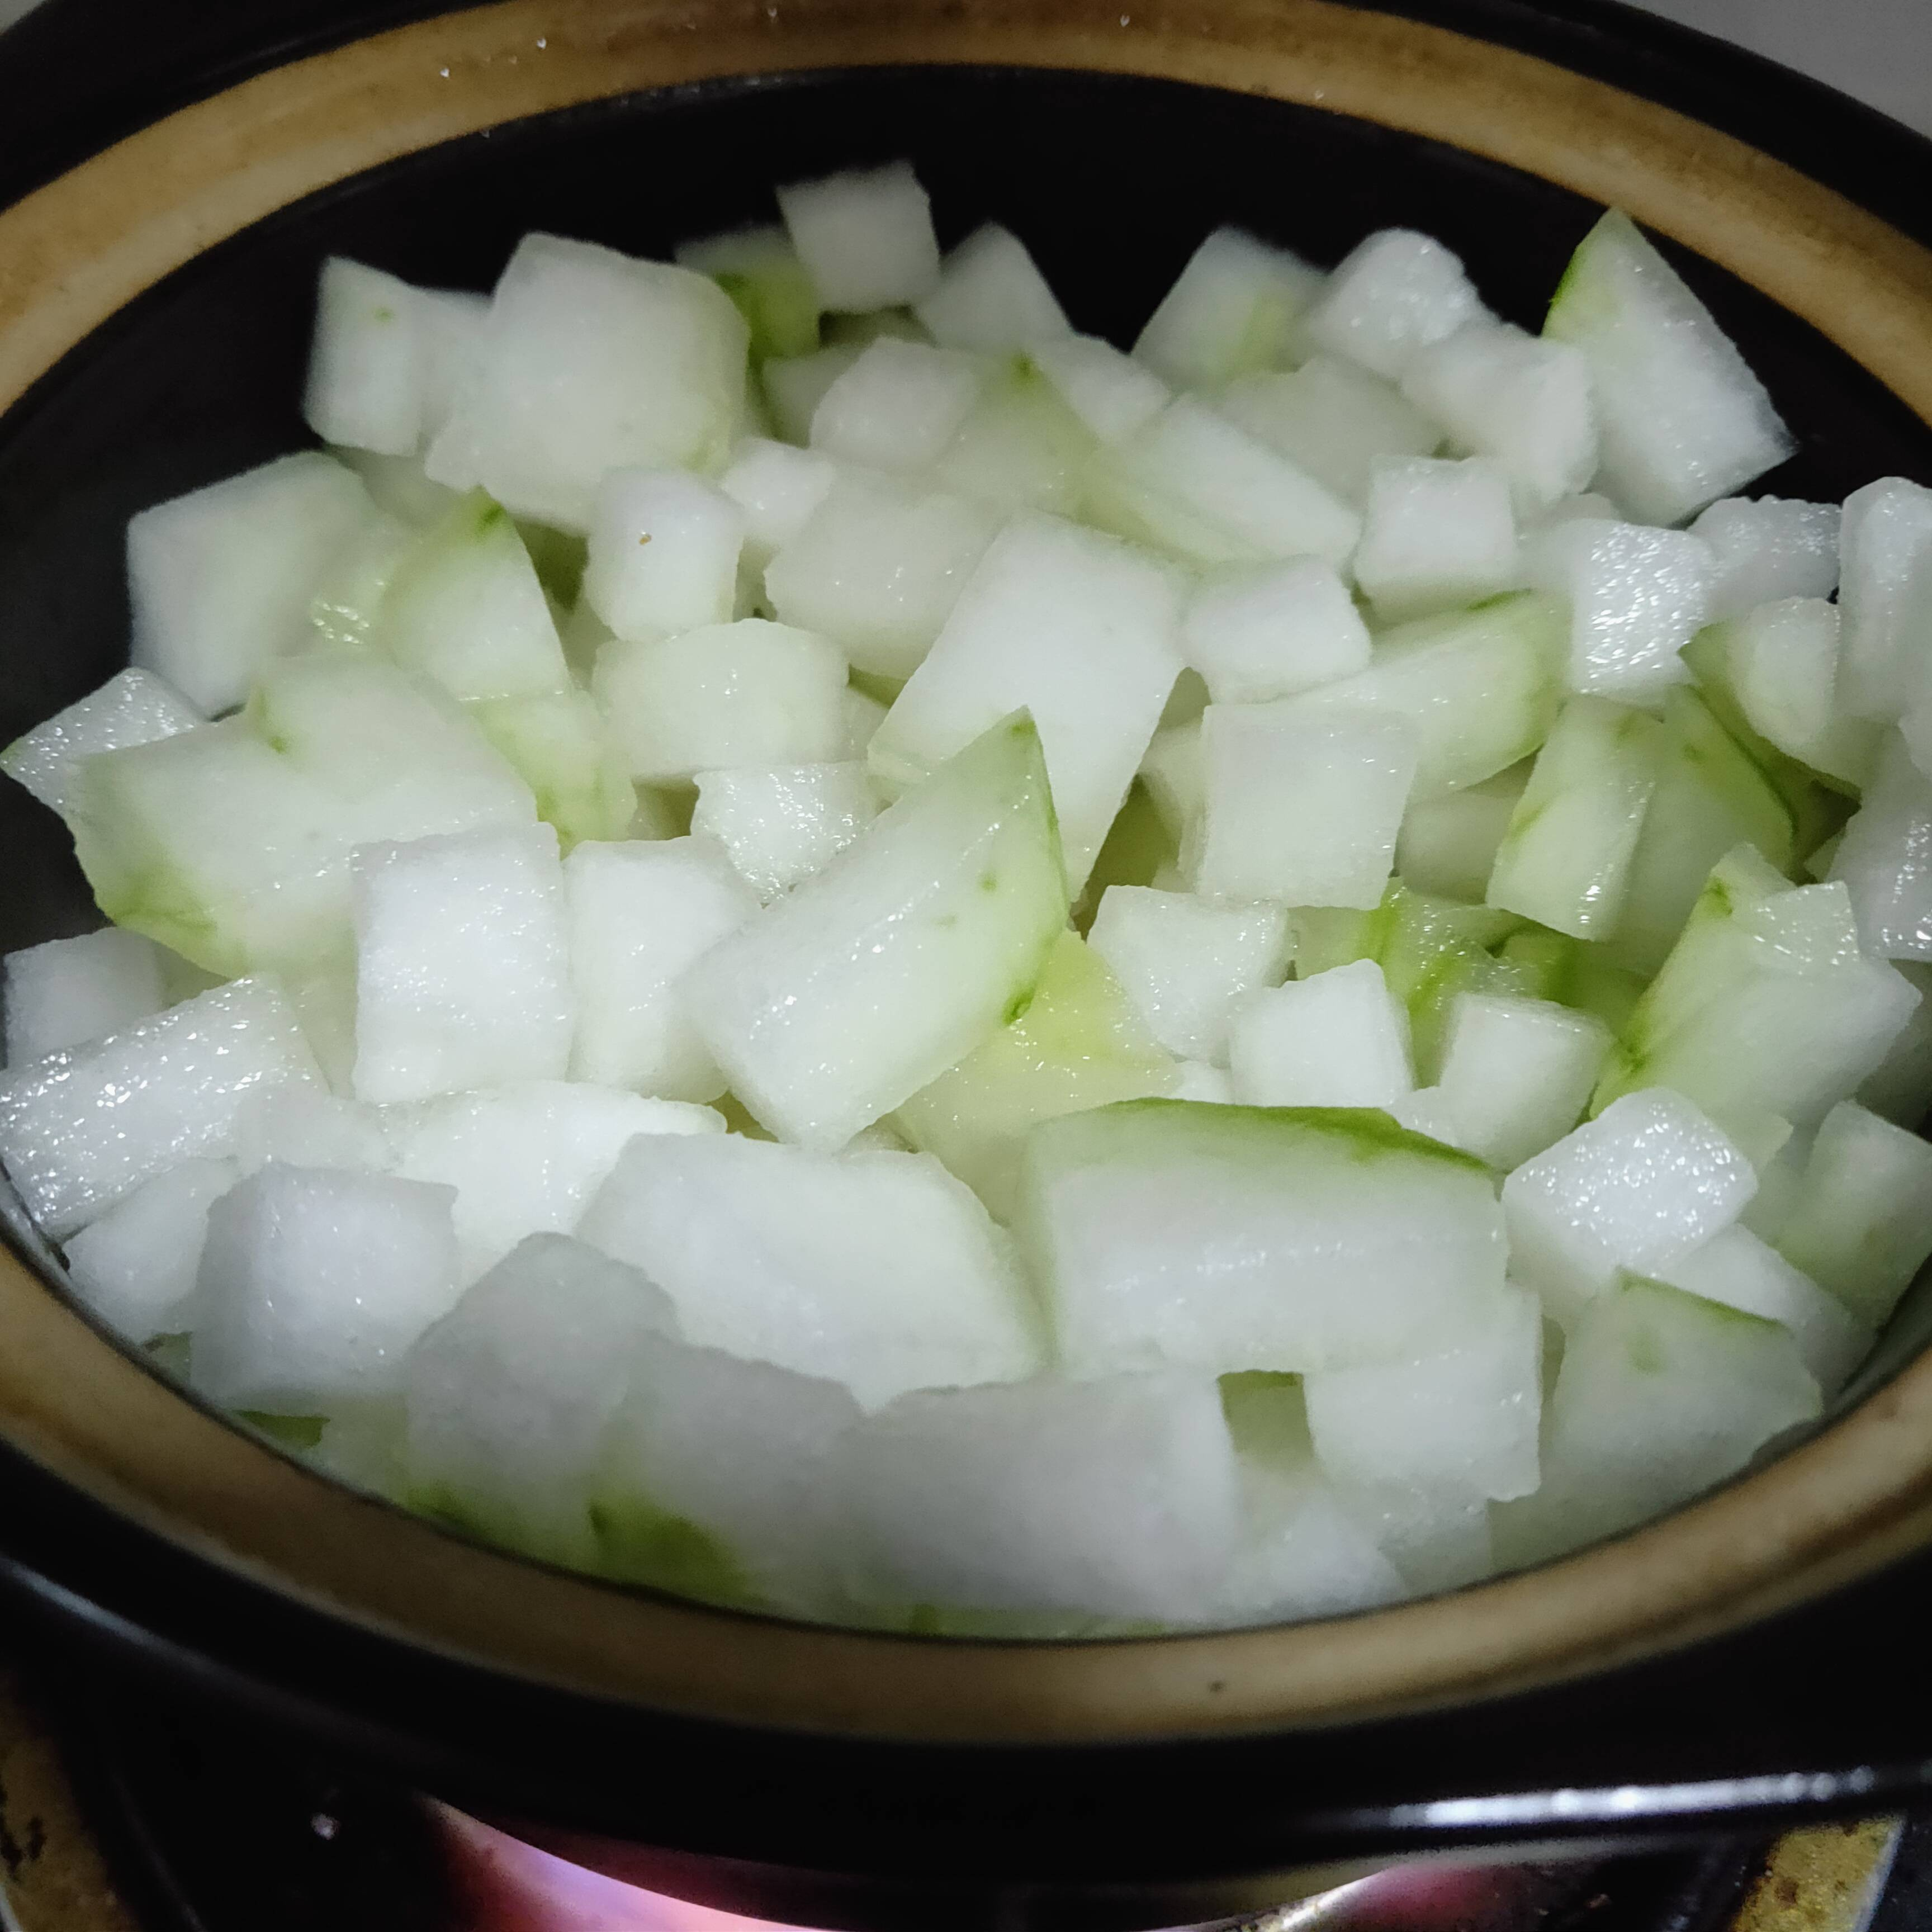 冬瓜虾米汤的简单做法